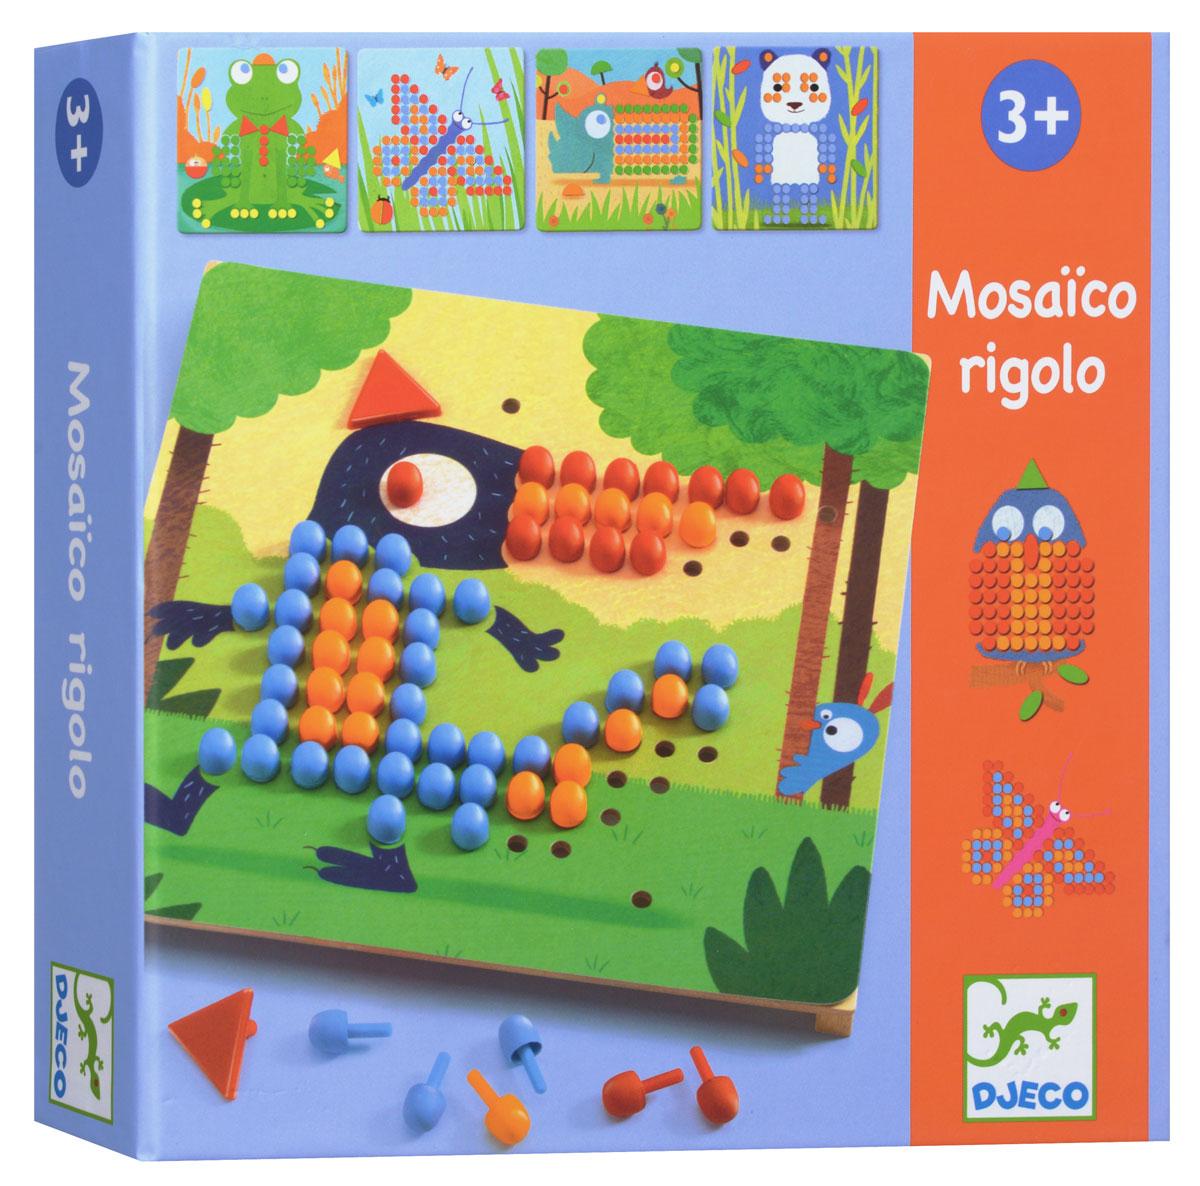 Djeco Мозаика Риголо08136Мозаика Риголо от французского производителя Djeco станет увлекательной развивающей игрушкой для каждого малыша. В комплекте ребенок найдет деревянную основу, красочные карточки с заданиями и множество пластиковых гвоздиков разной формы и цветов. Ребенок должен собрать картинку согласно инструкции, в результате чего у него получатся забавная лягушка, красивая бабочка, милая панда и другие животные и насекомые. Игра развивает мелкую моторику, логическое мышление, сообразительность и внимательность ребенка, учит его усидчивости и терпению.